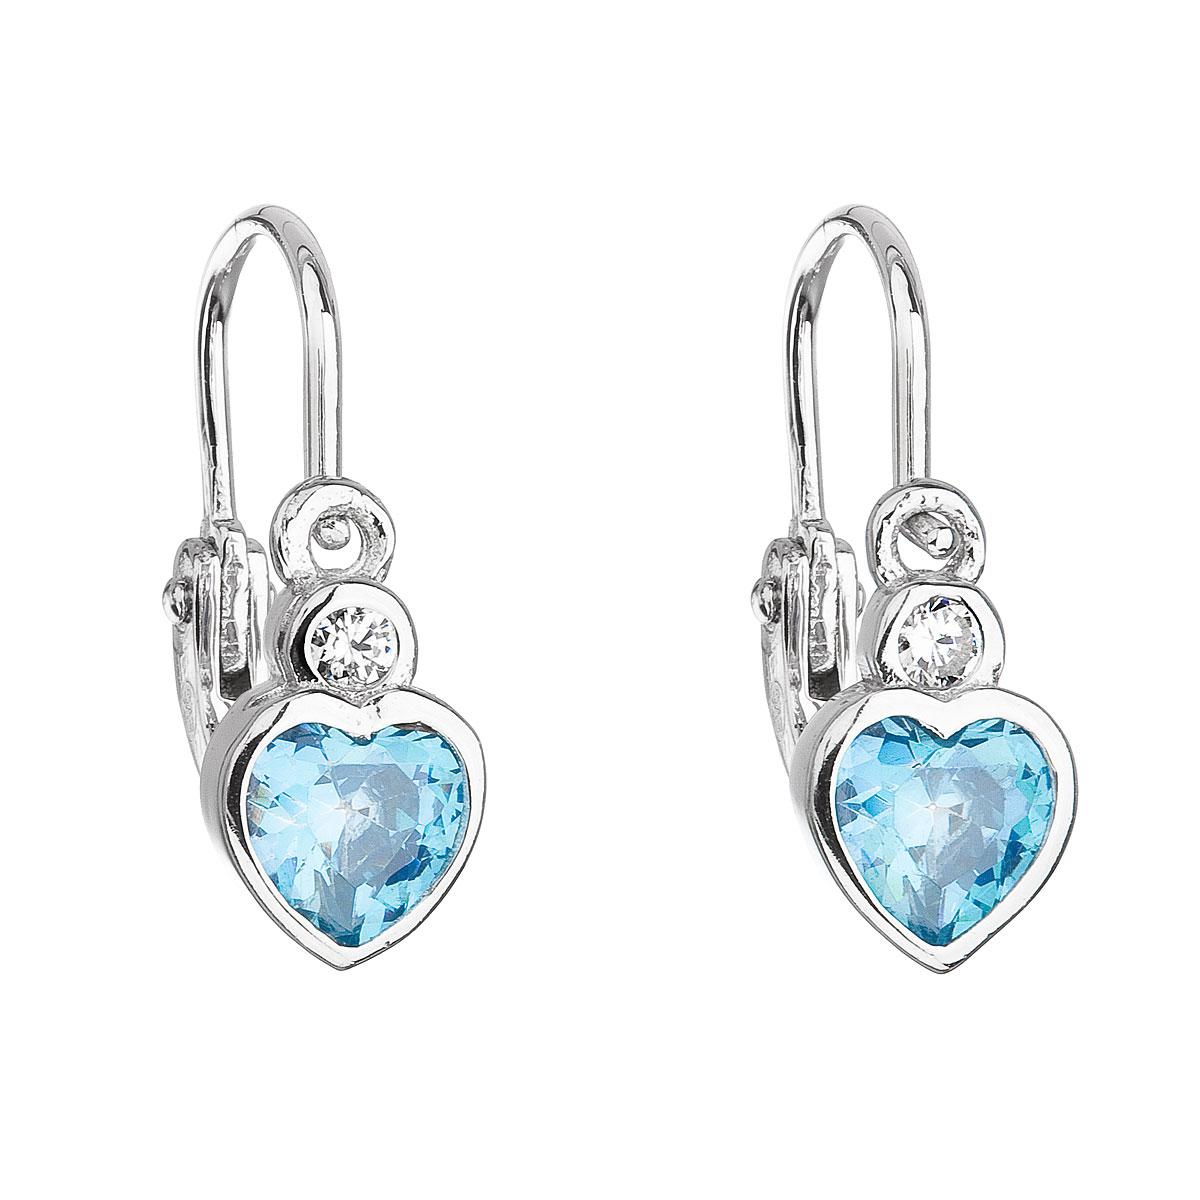 Strieborné detské náušnice visiace so zirkónom modré srdce 11178.1